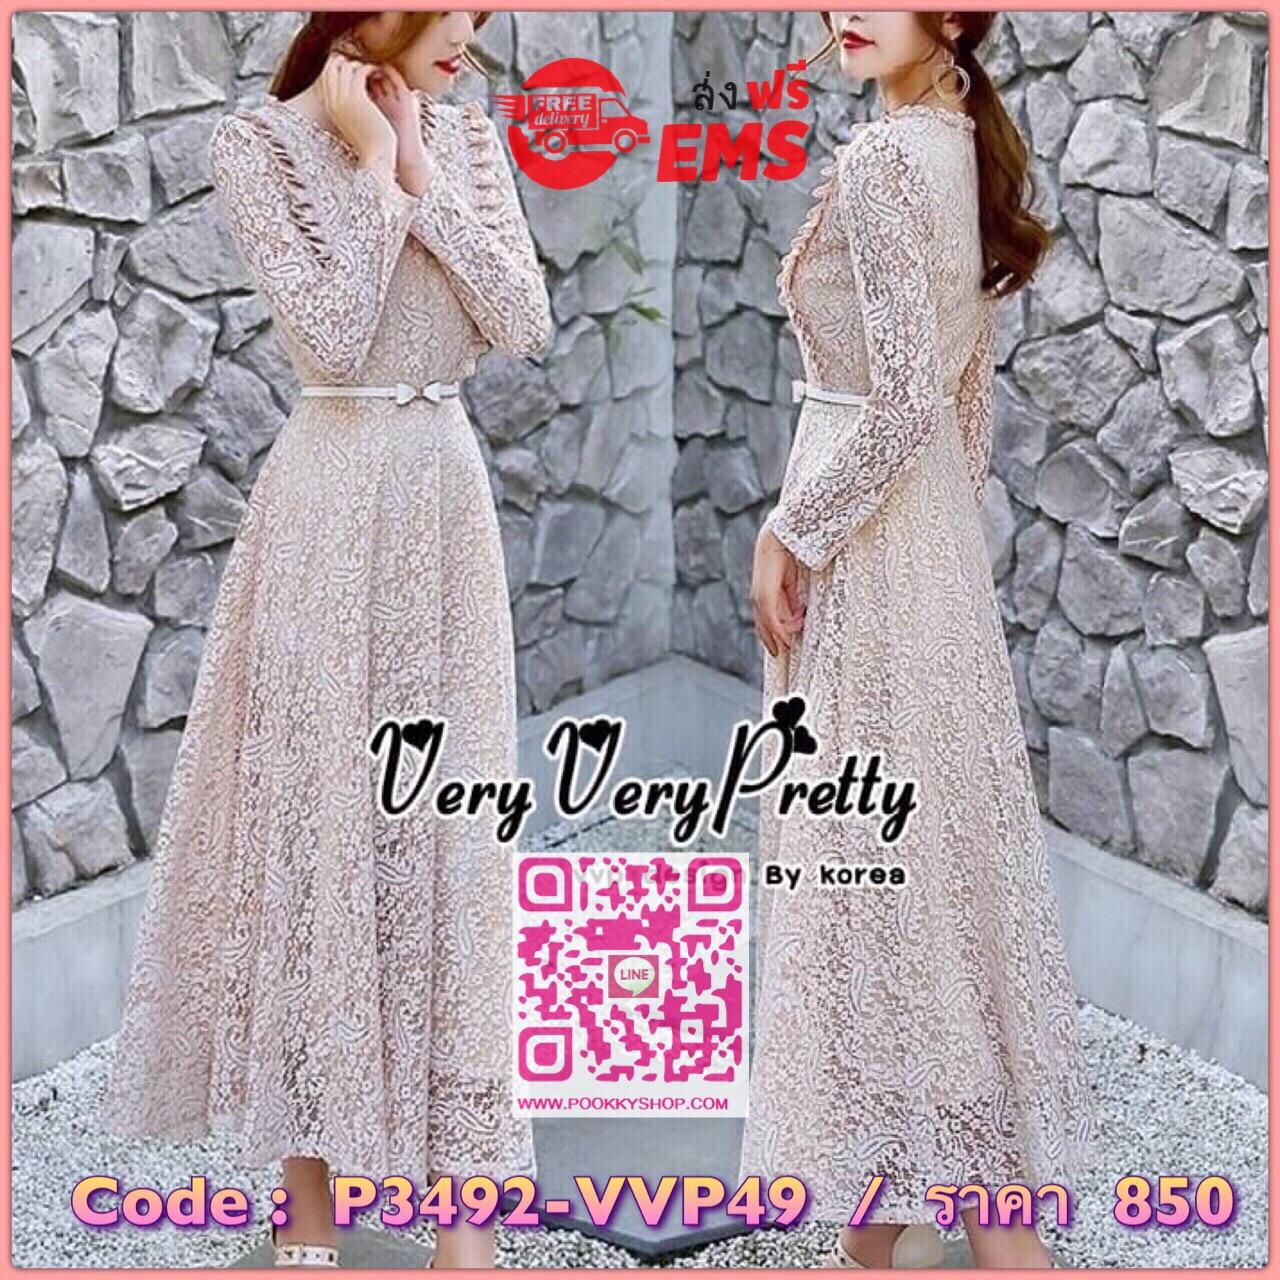 Sweetie Fashion Korea Florals Lace Dress เดรสผ้าลูกไม้ทั้งตัวสไตล์งานแบรนด์ค่ะ เนื้อผ้าลูกไม้ลวดลายดอกไม้สวยทั้งตัว ทรงคอกลมแขนยาว เข้ารูปช่วงเอว กระโปรงปล่อยบานยาว จับจีบเล็กๆตีเป็นเหลี่ยมให้ช่วงอกของเสื้อ เพิ่มความสวยให้กับชุดได้ลงตัวค่ะ เนื้อผ้าใส่สบาย